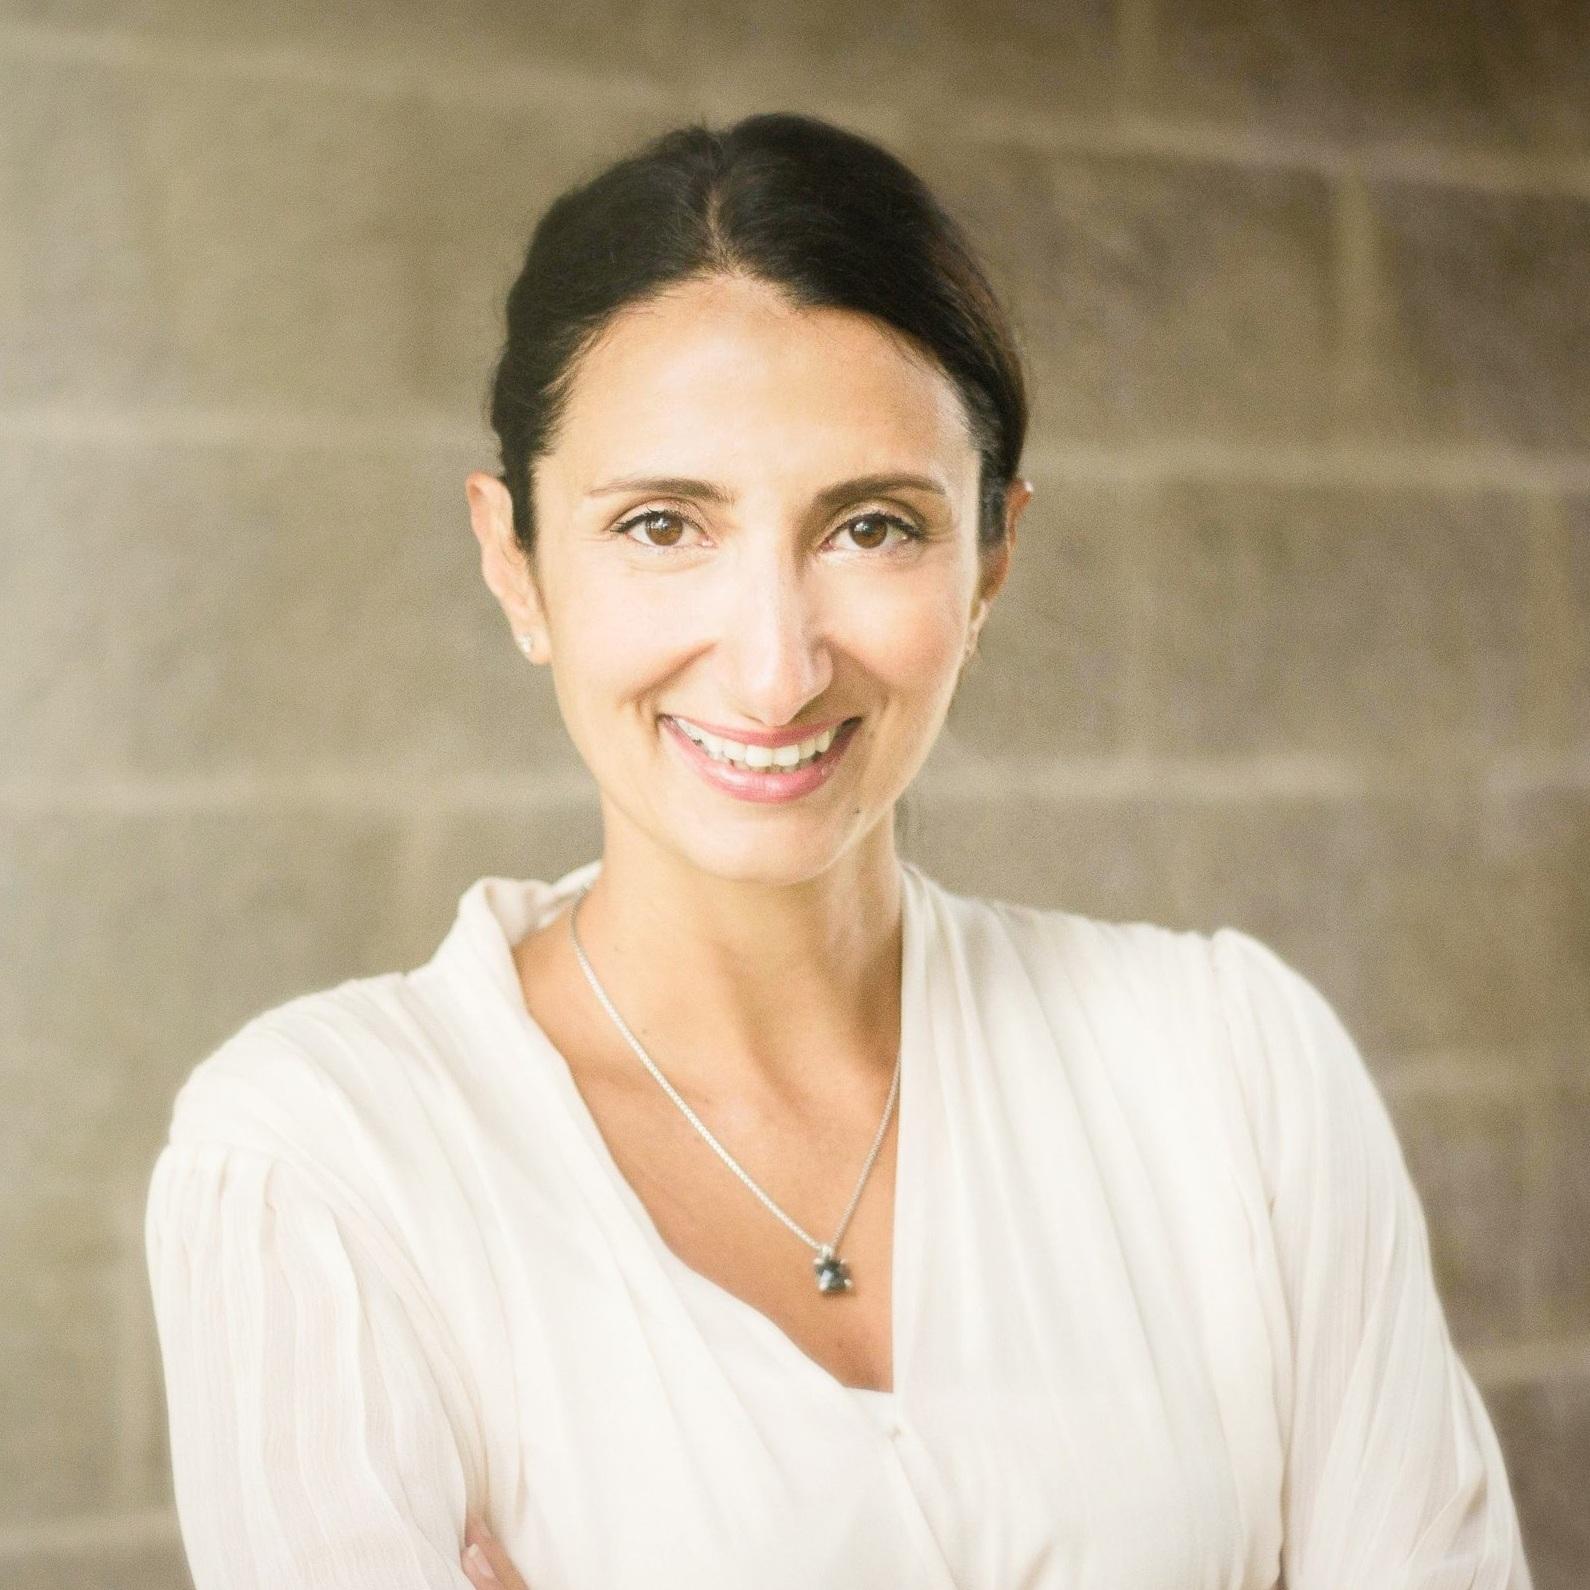 Dr. Maryam Zeineddin, Founder